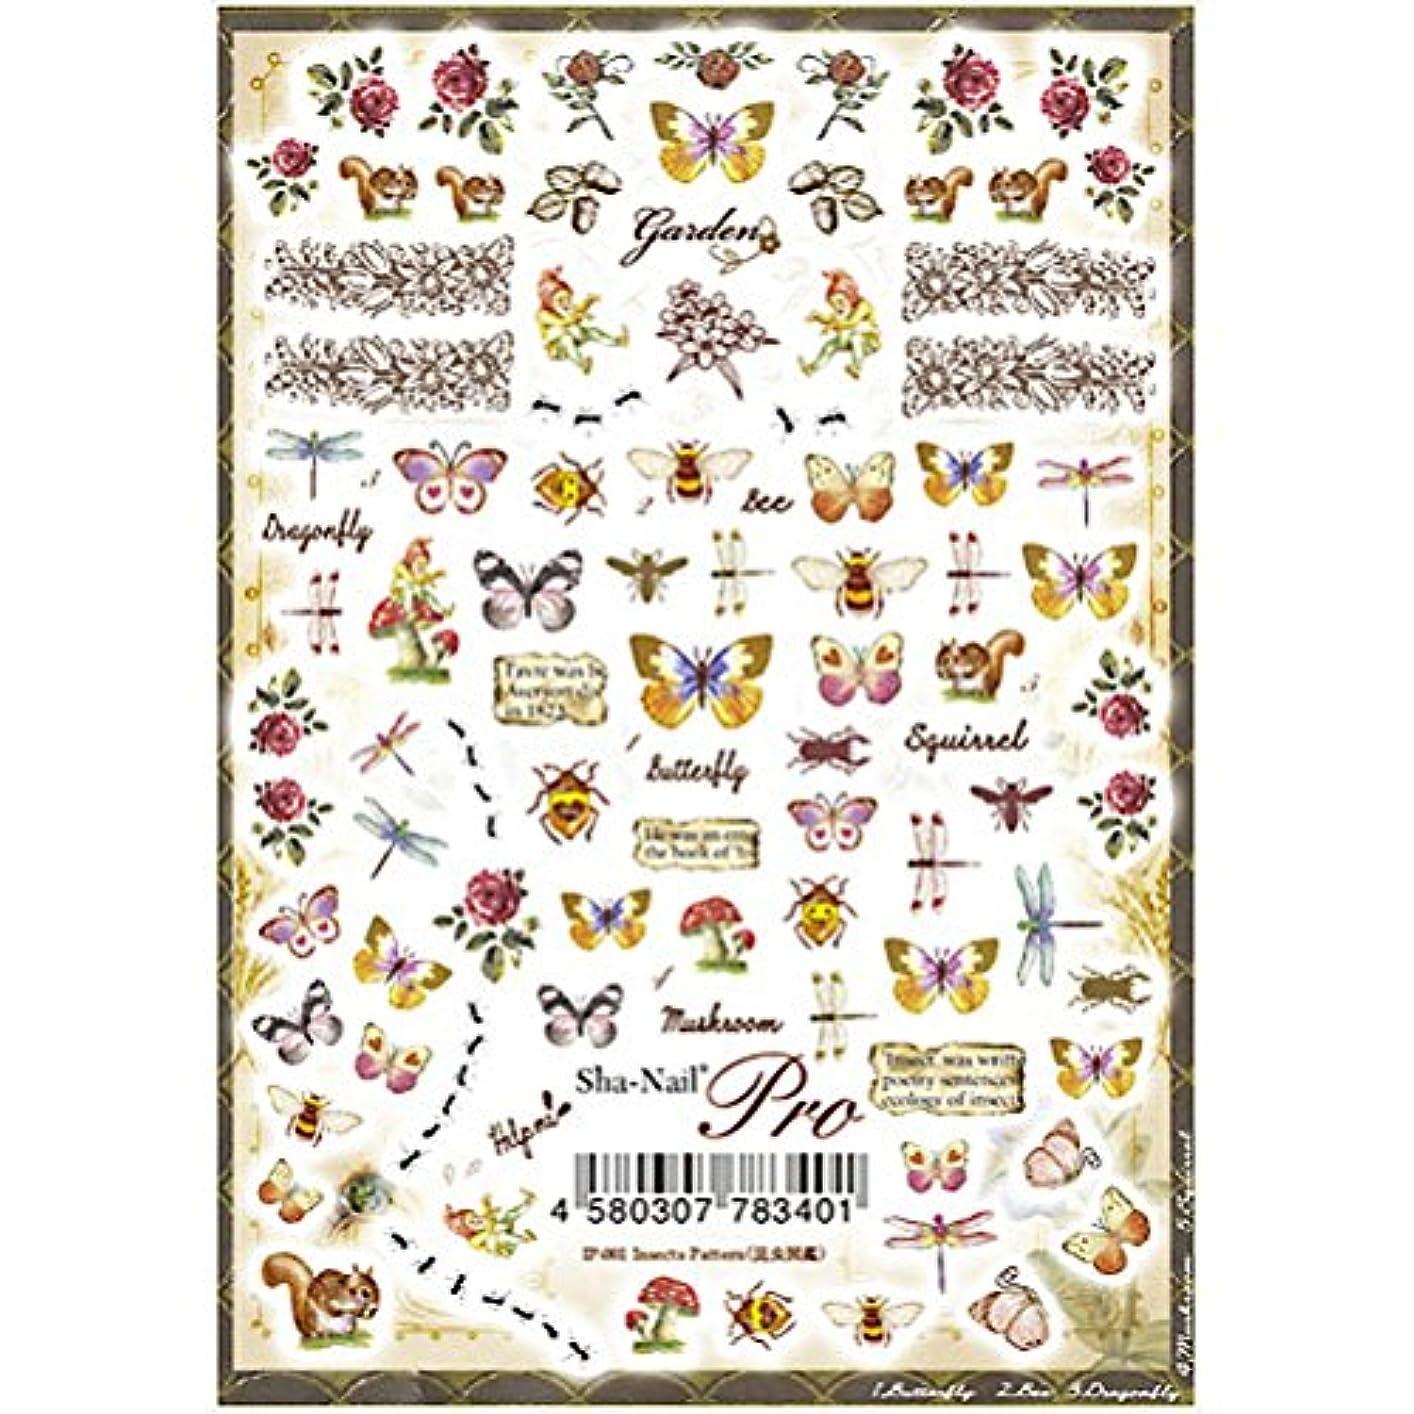 定義する急ぐ著名なSha-Nail Pro 昆虫図鑑  アート材